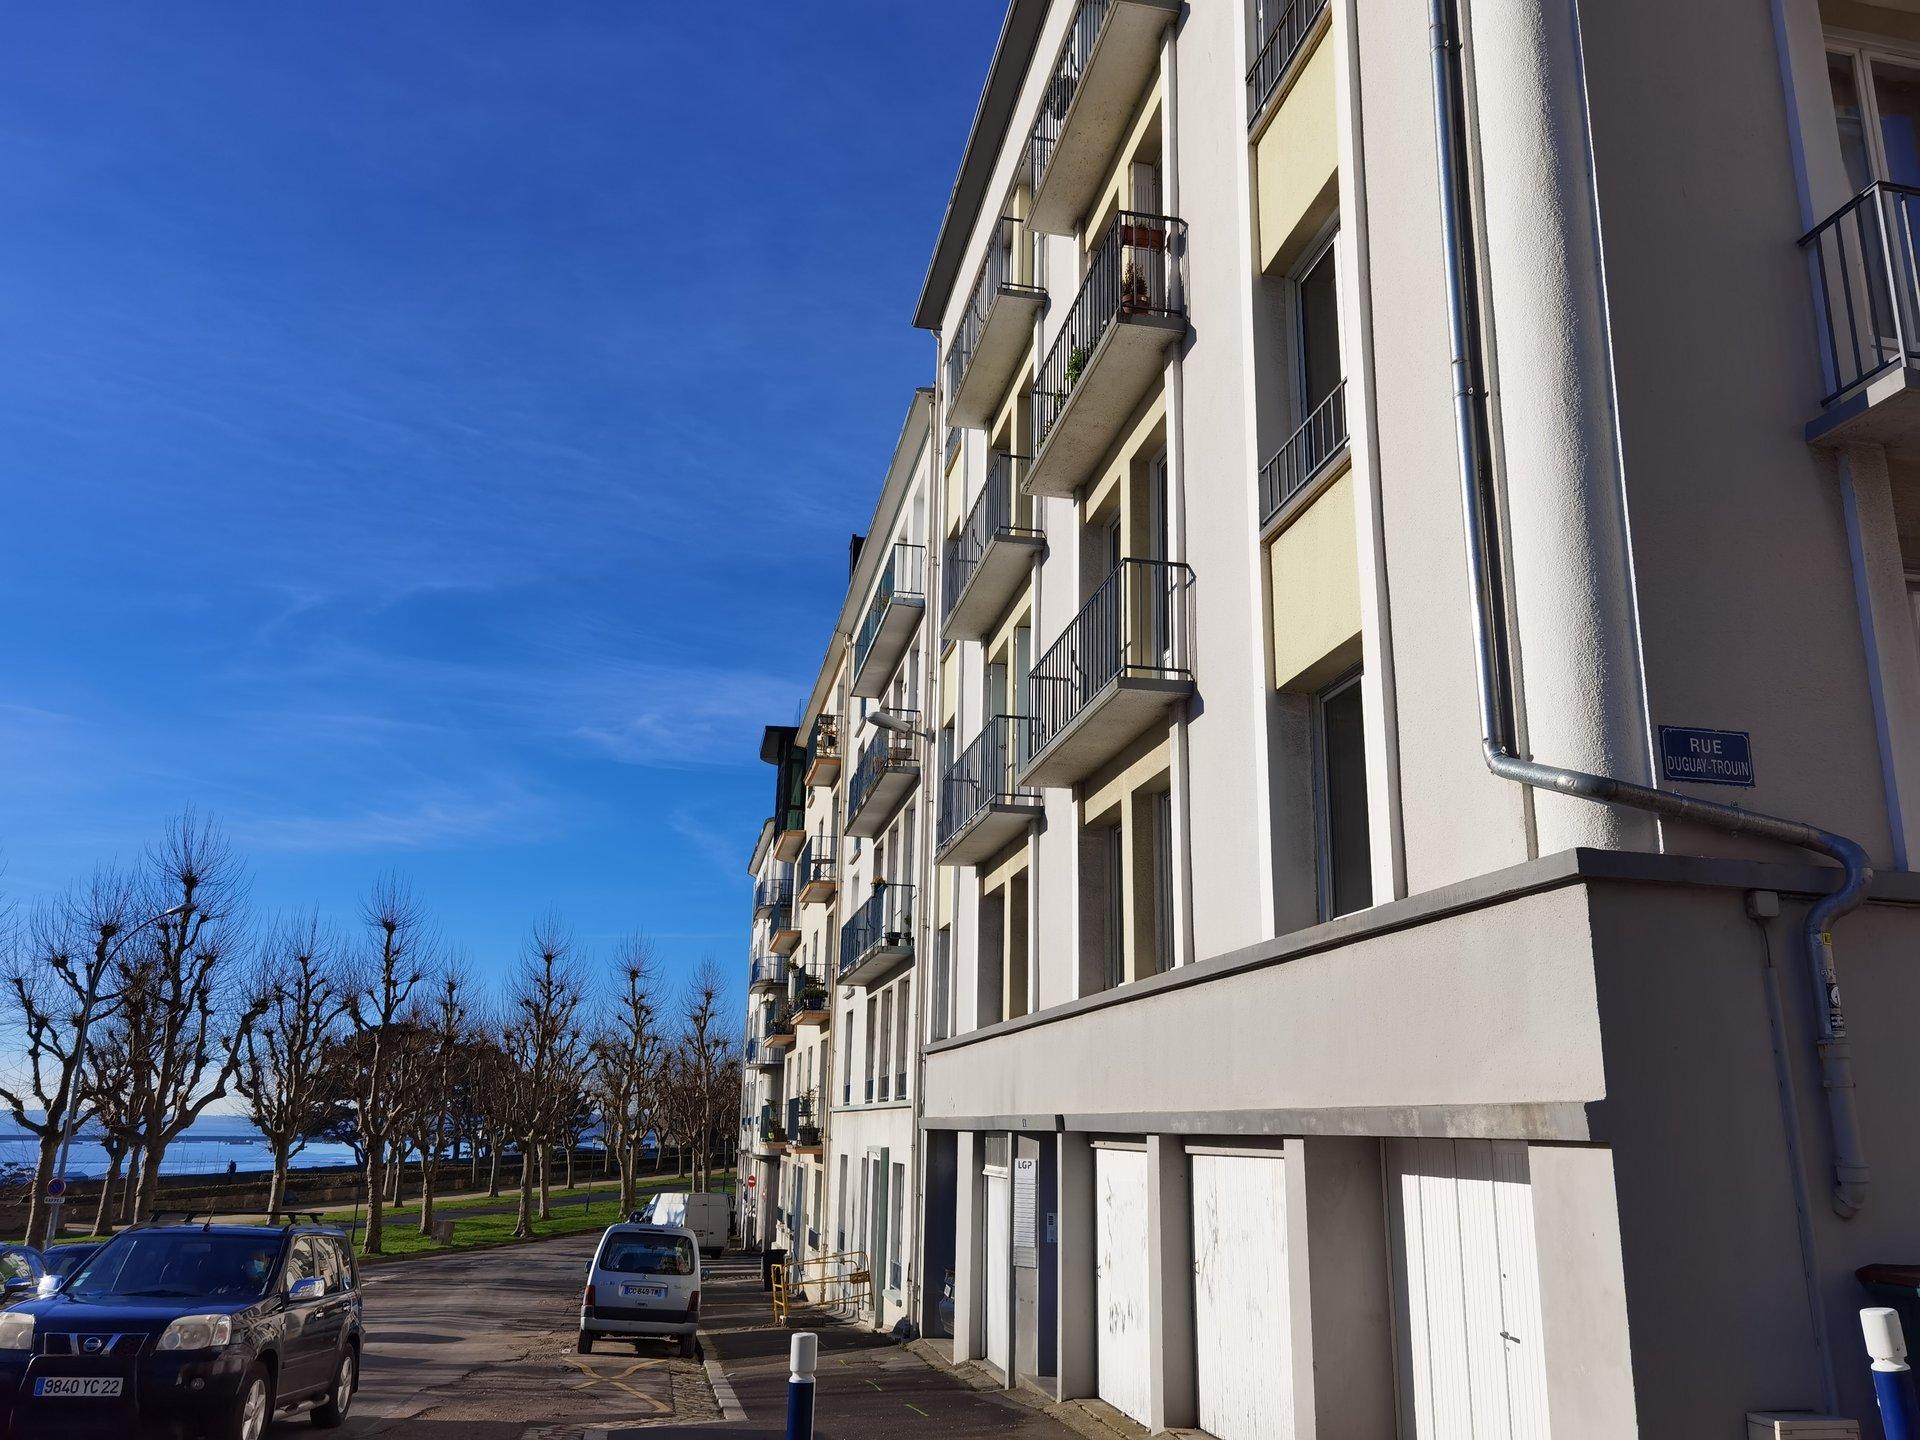 EXCLUSIVITÉ- T4 AVEC GARAGE - SIAM - COURS D'AJOT